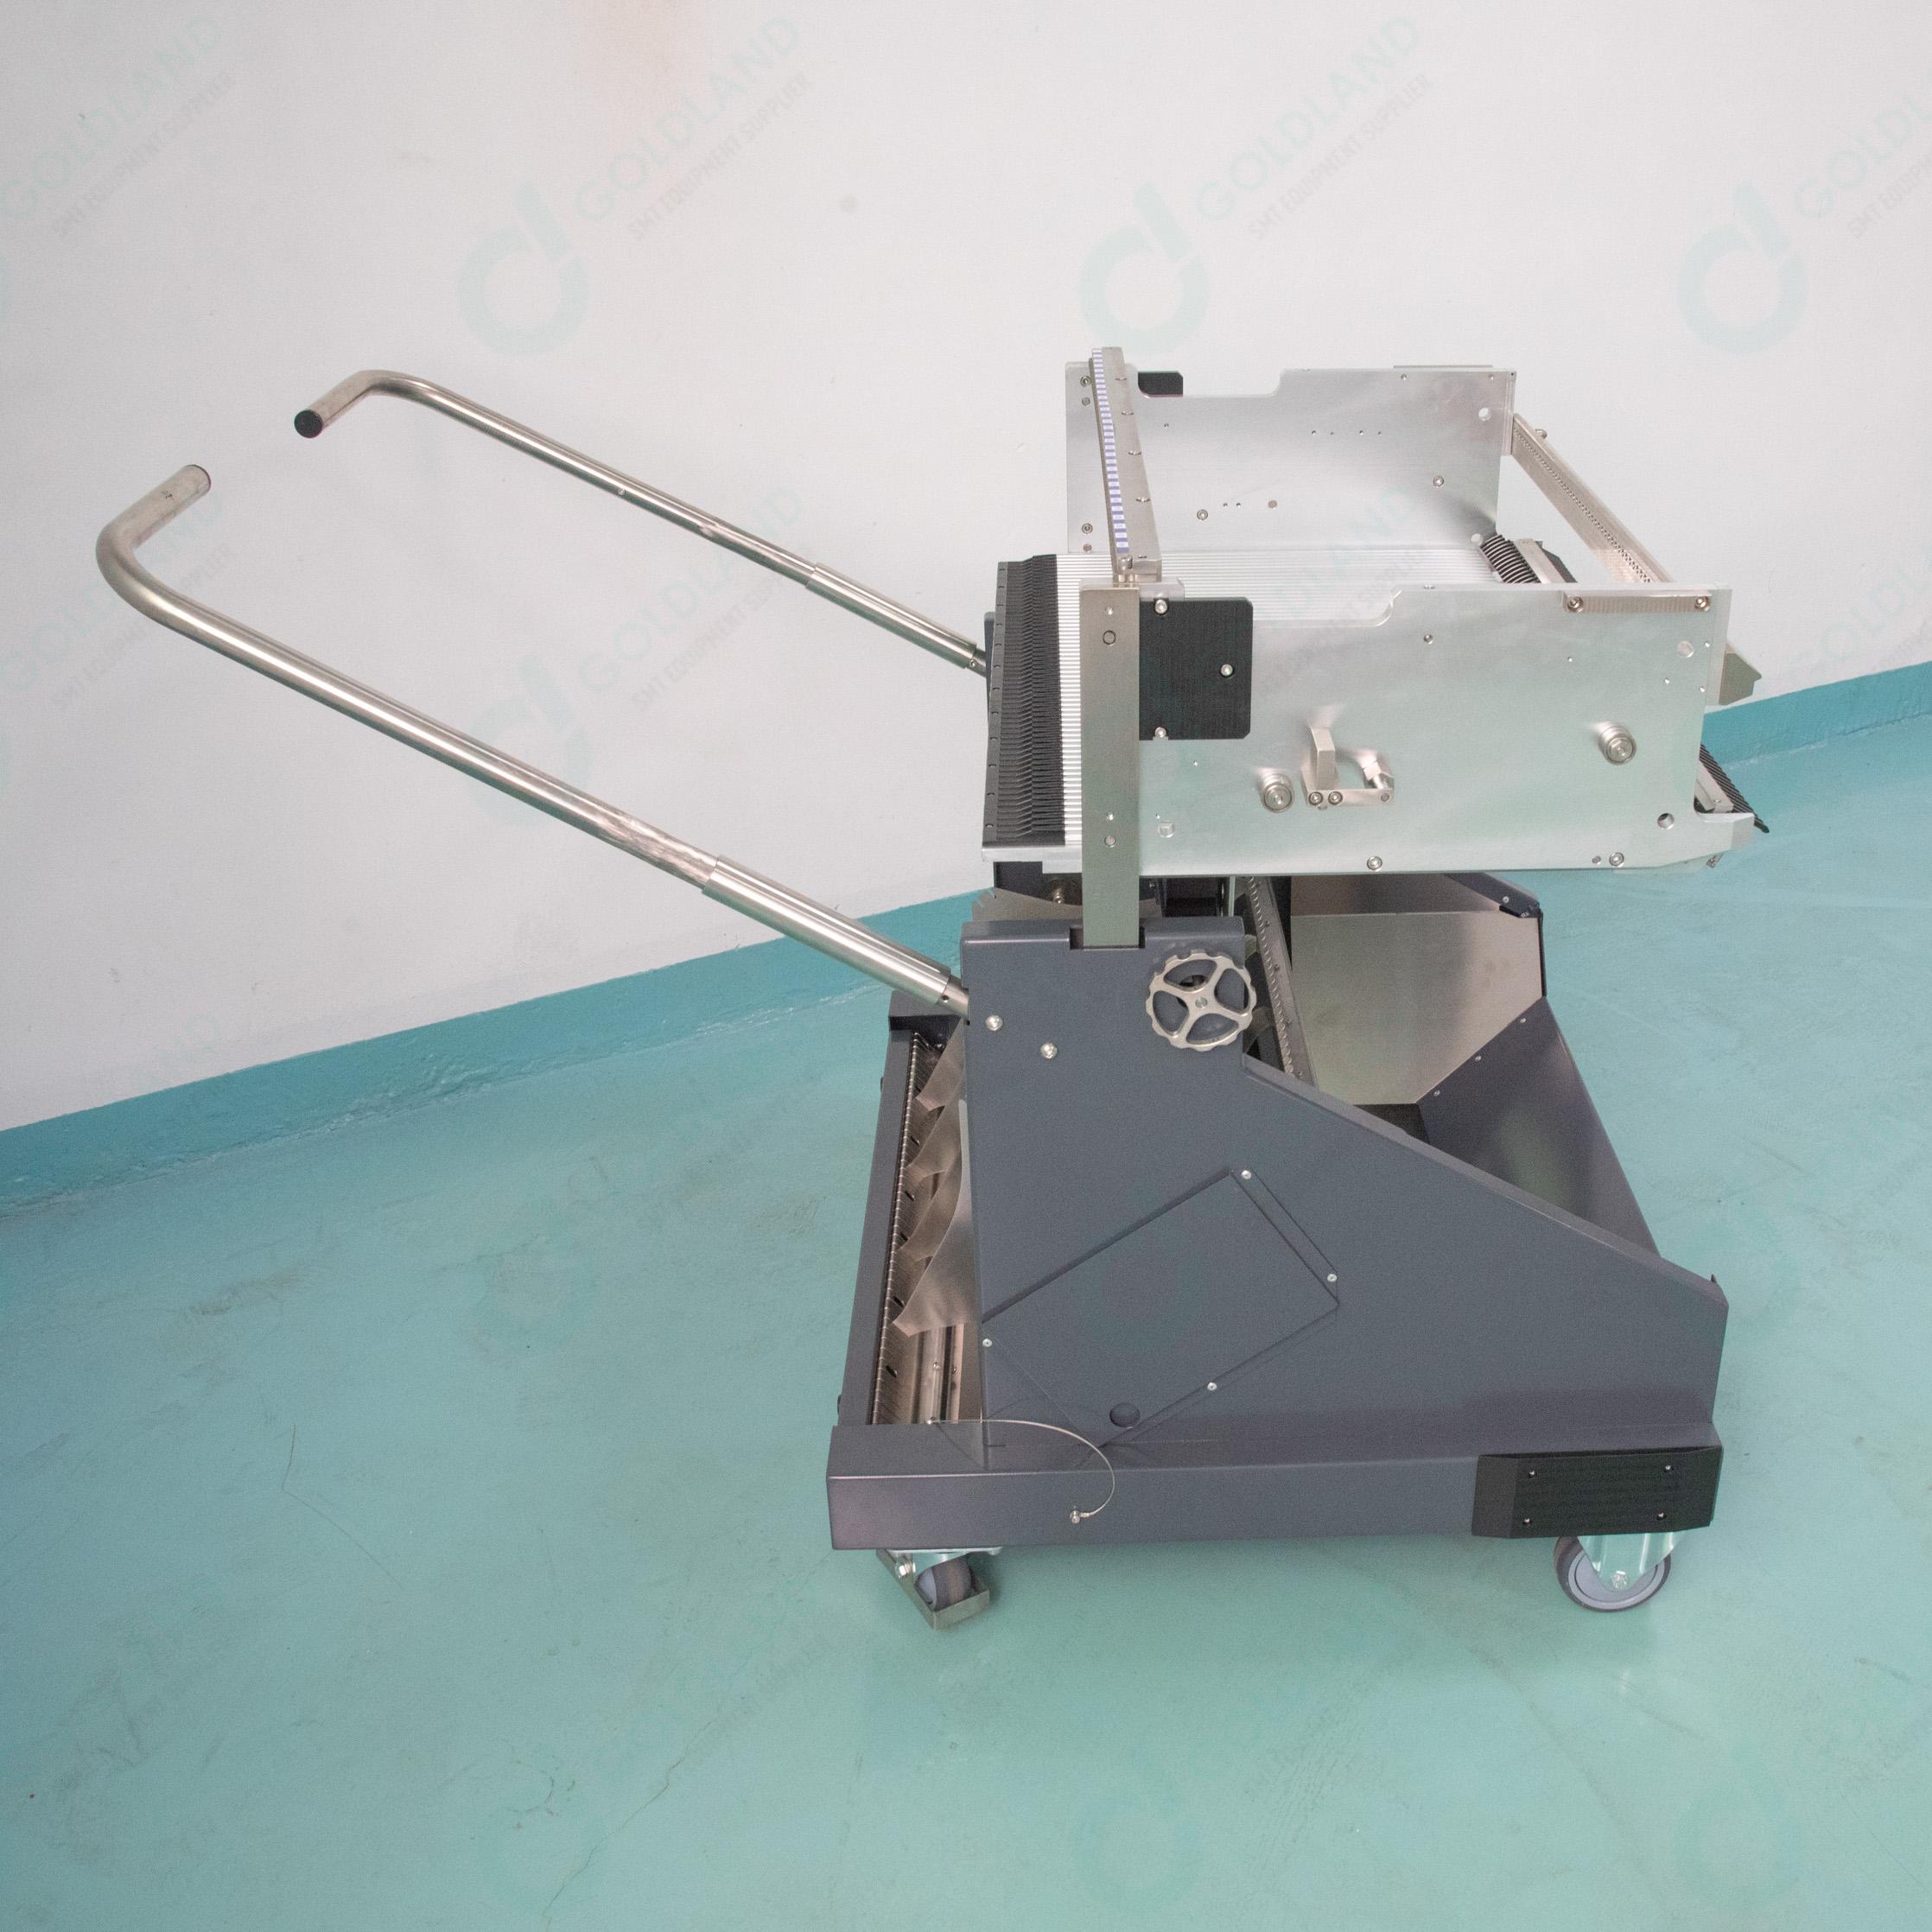 00519922-99 ASM SIEMENS SIPLACE 60 FEEDER TROLLEY SIEMENS SMT machine parts